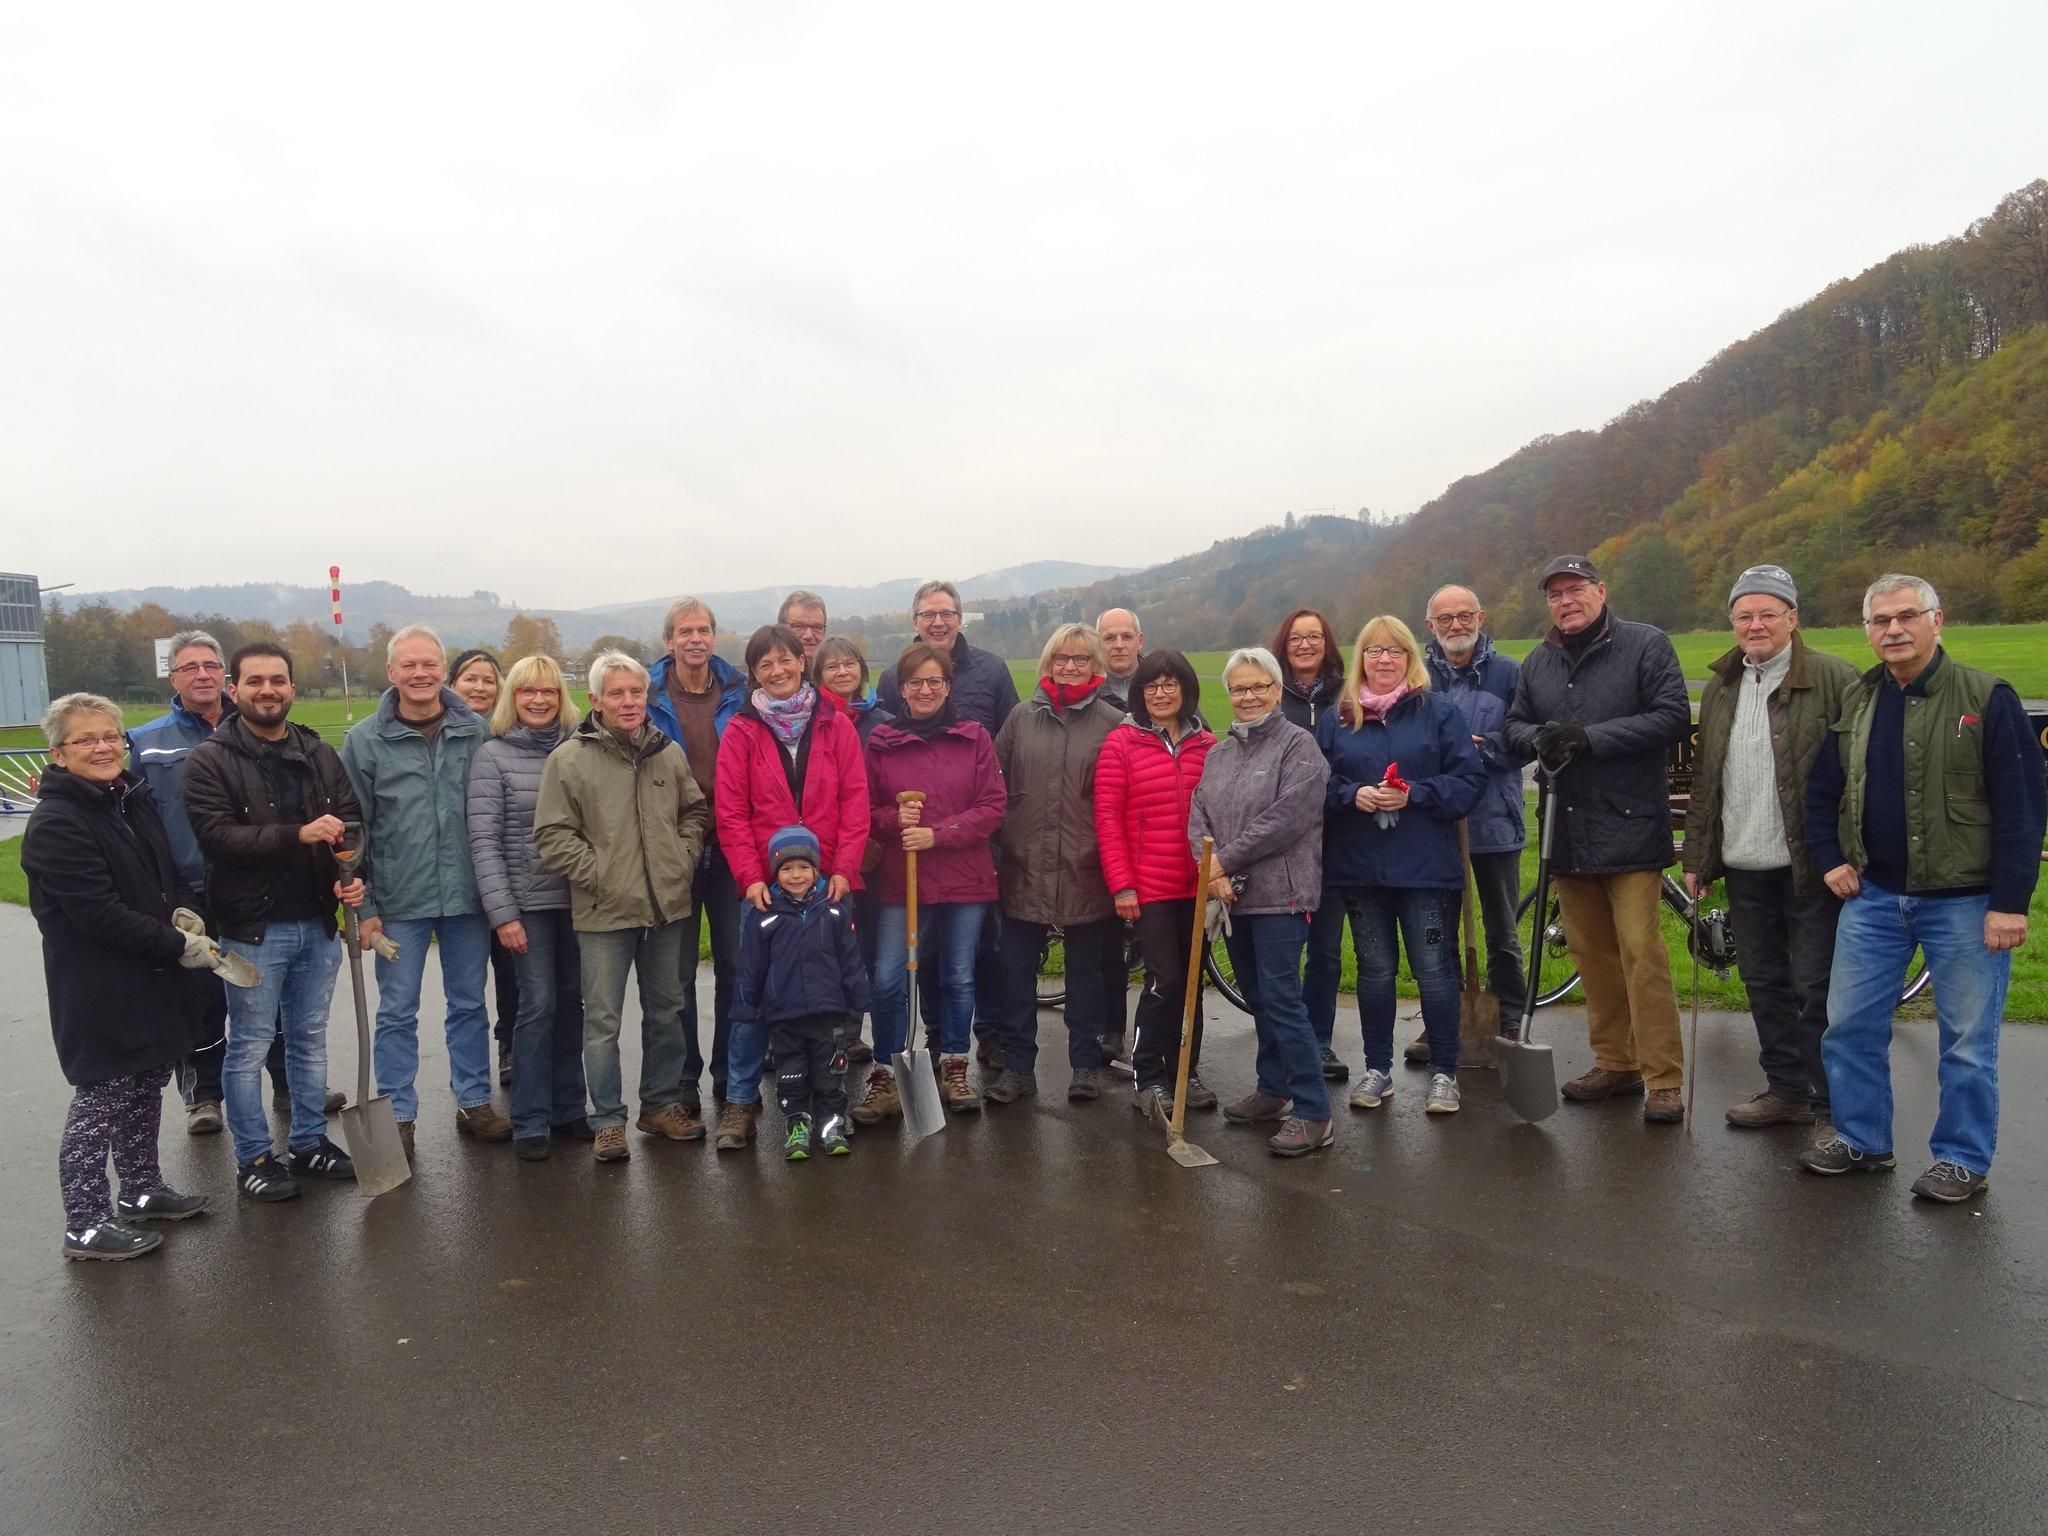 Großer und erfolgreicher Herbstaktionstag der INO - Arnsberg - Lokalkompass.de